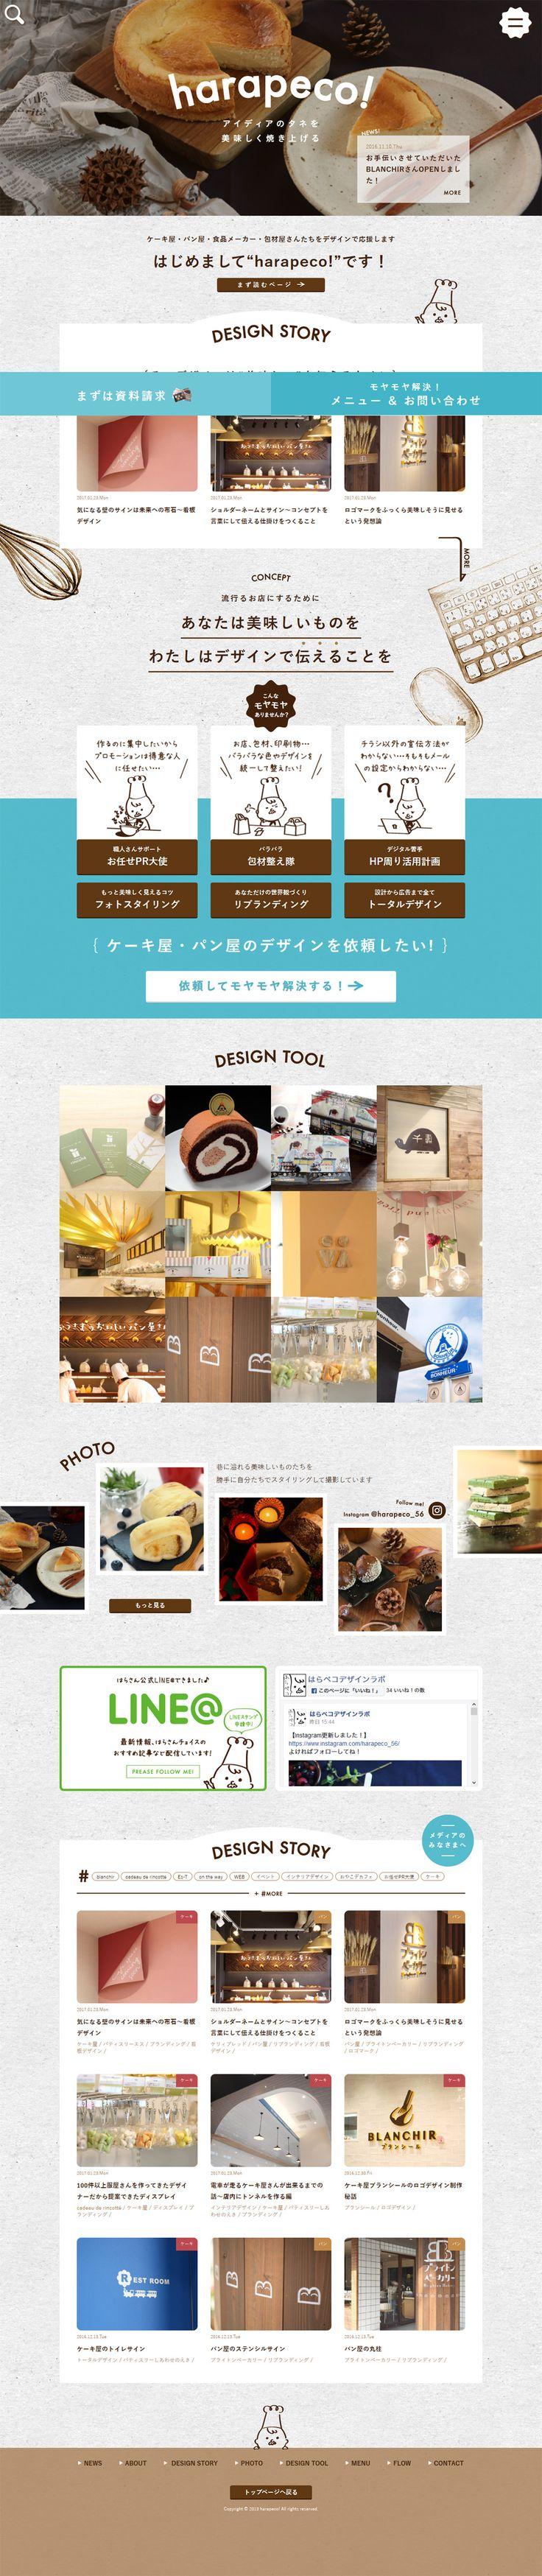 harapeco!【サービス関連】のLPデザイン。WEBデザイナーさん必見!ランディングページのデザイン参考に(ナチュラル系)